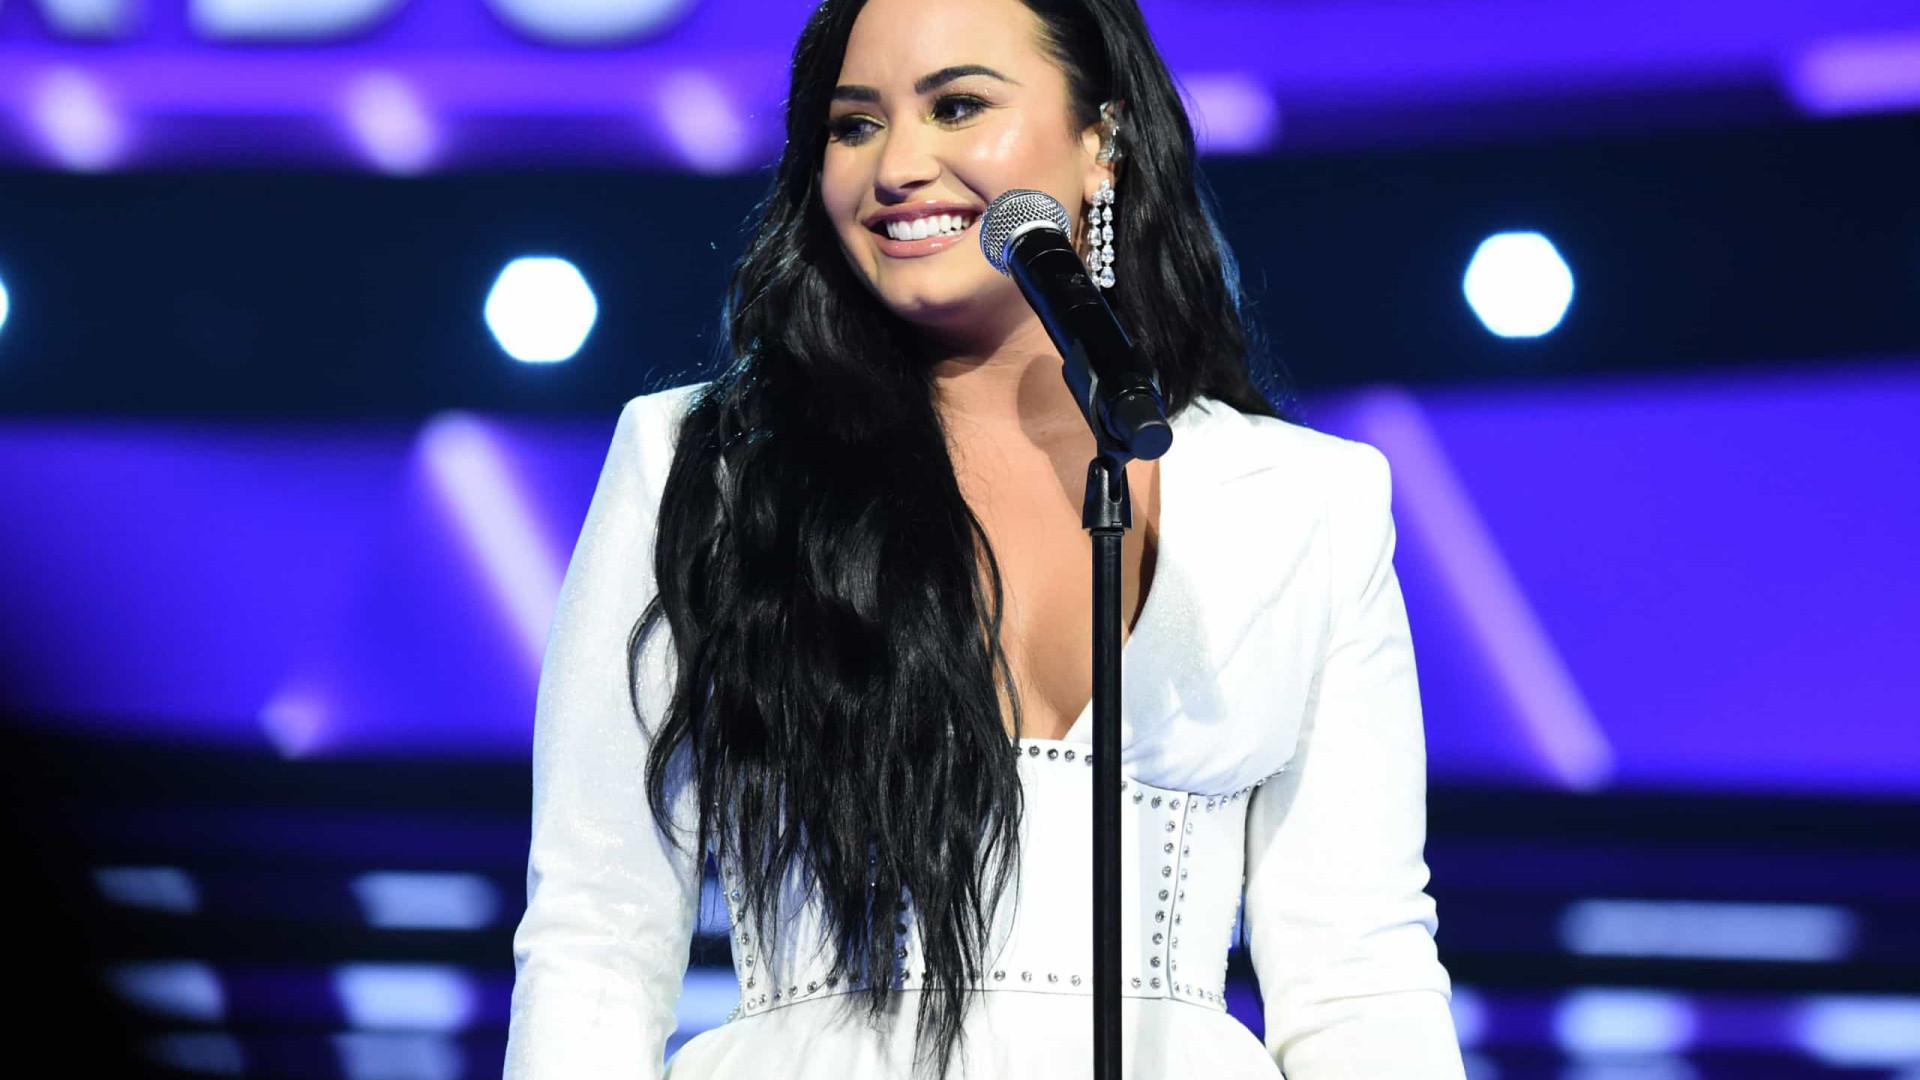 Amigos de Demi Lovato preocupados com intenções do seu noivo